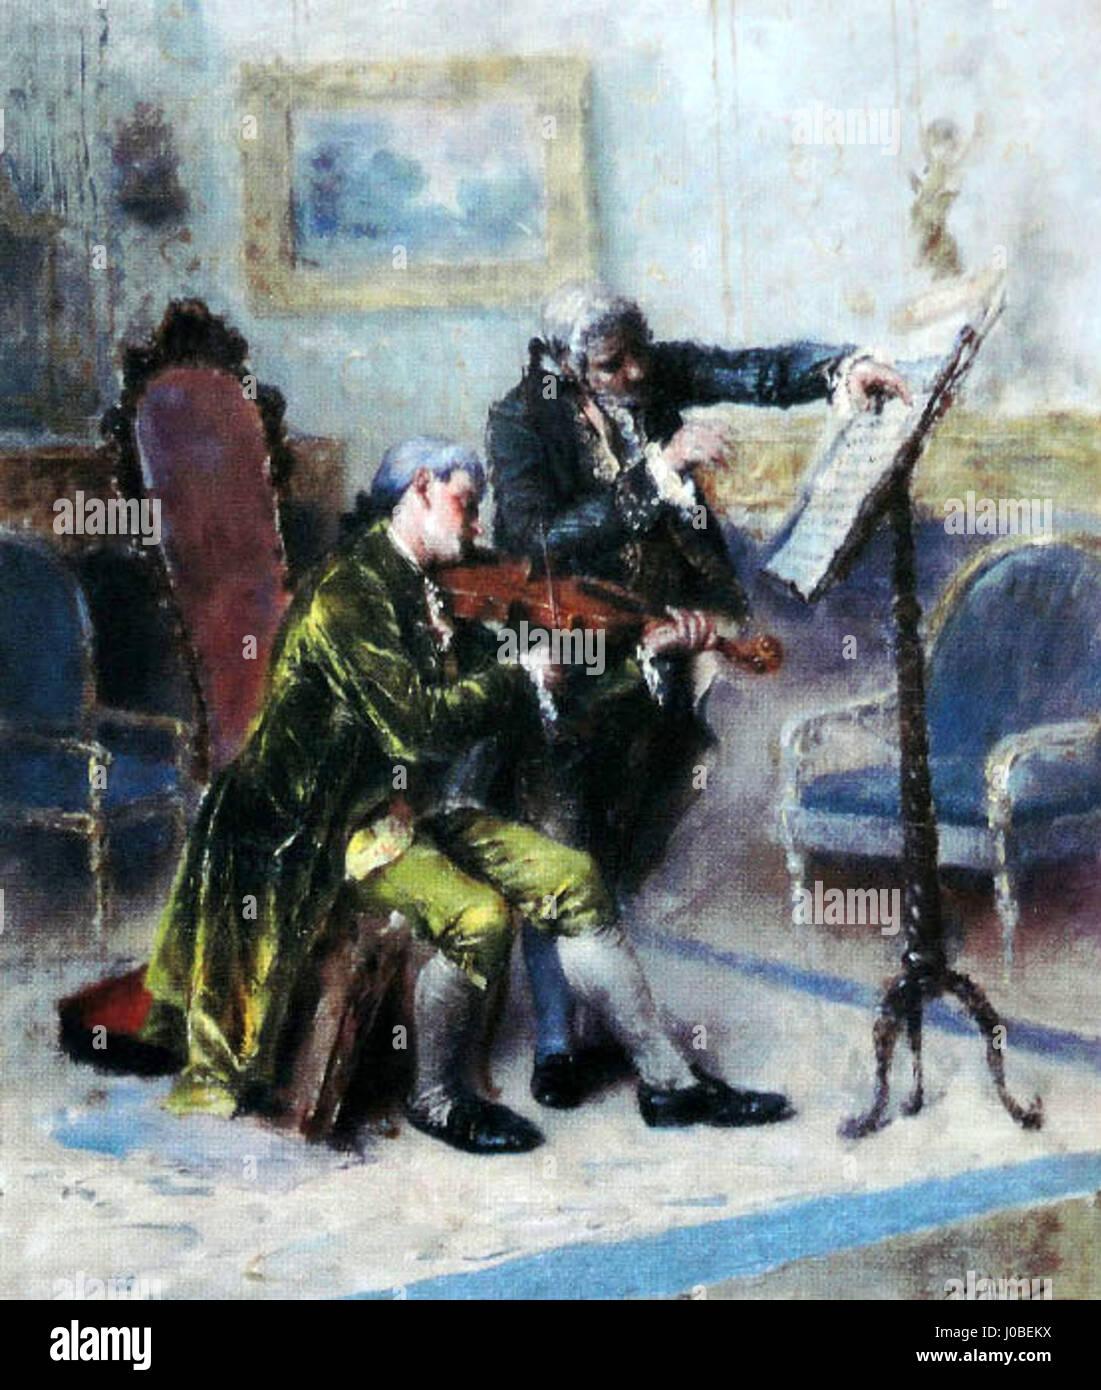 José Malhoa - Um compasso difícil (Lição de violino) Foto de stock